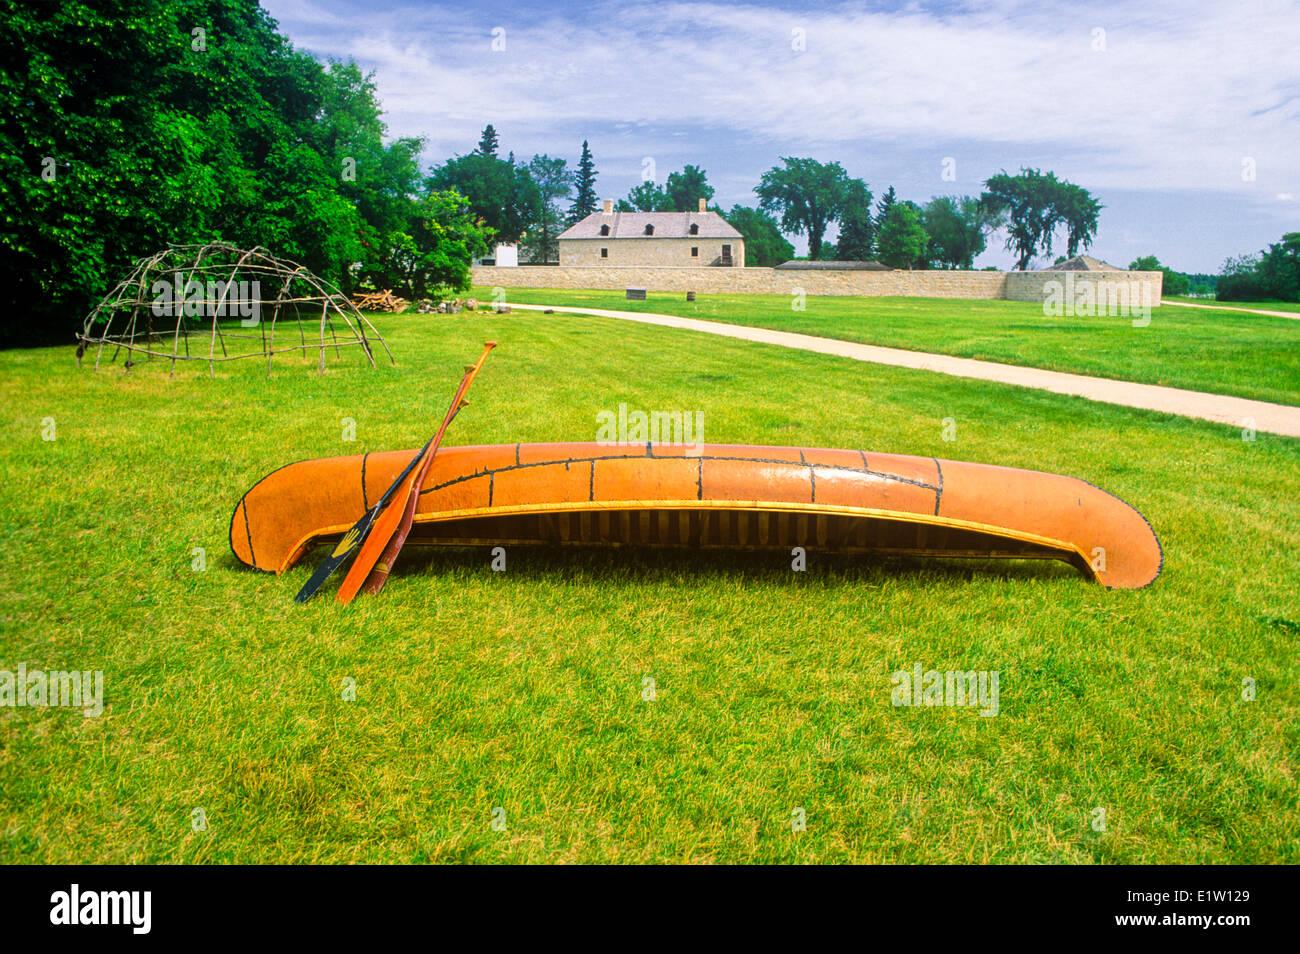 Canot en écorce de bouleau, Lieu historique national de Lower Fort Garry, Manitoba, Canada Photo Stock